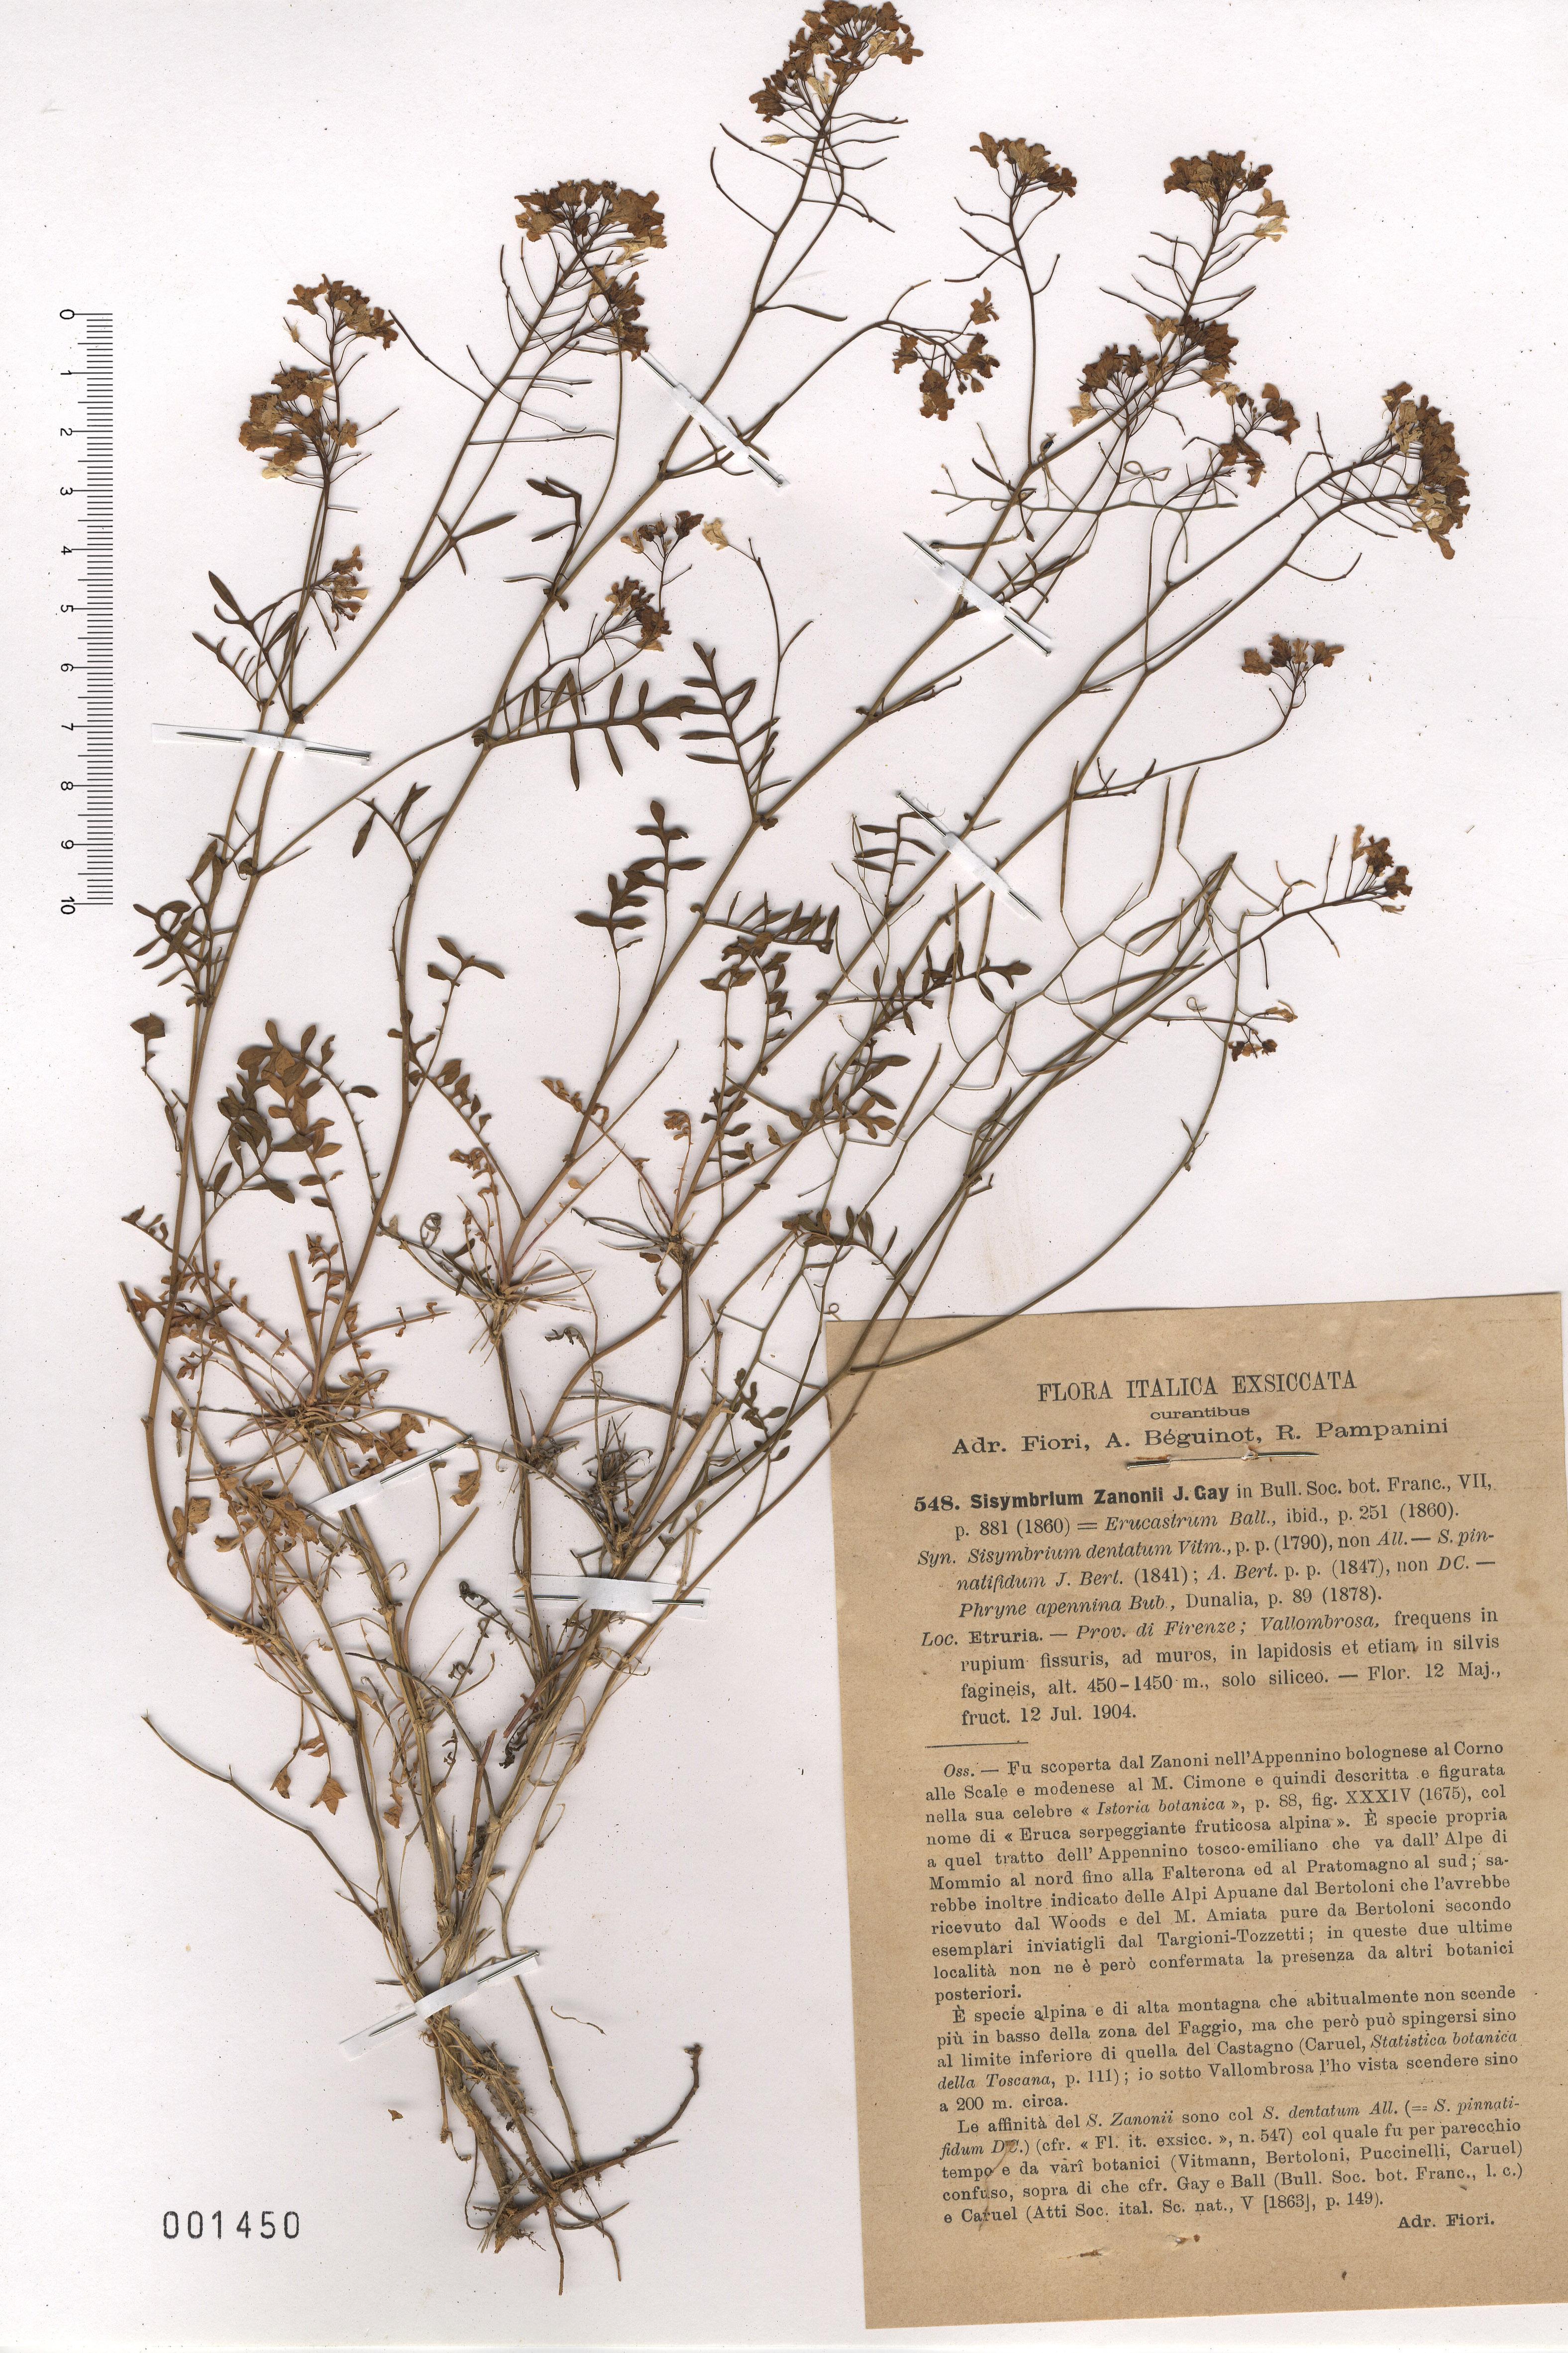 © Hortus Botanicus Catinensis - Herb. sheet 001450<br>